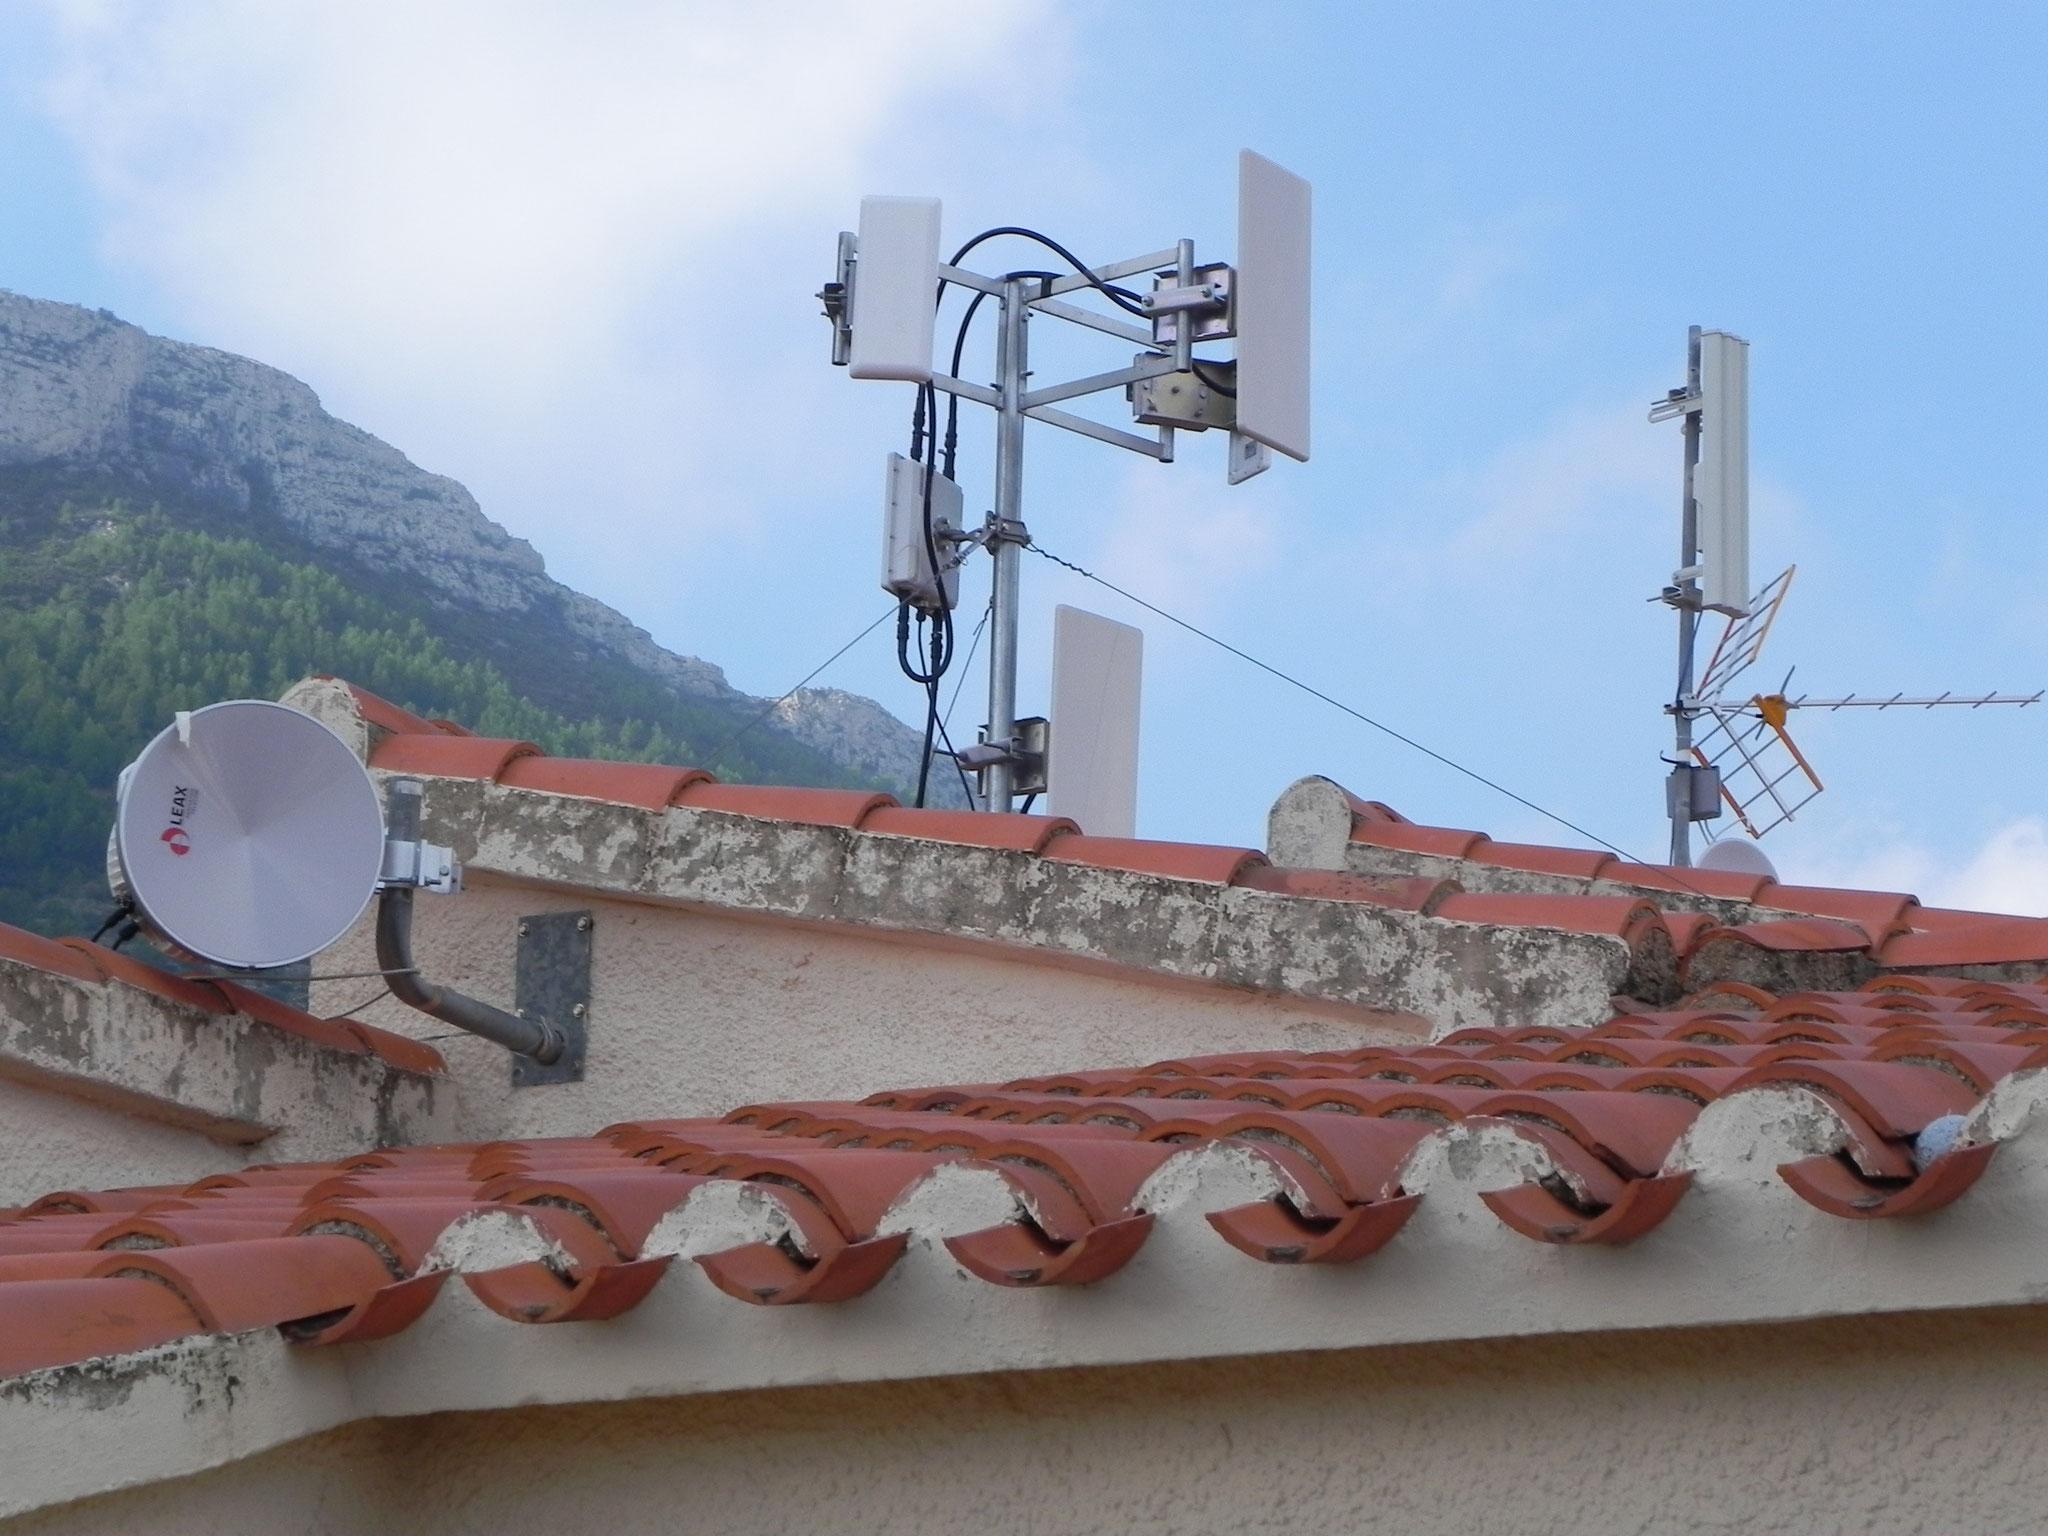 Unsere Mega Internet Antennen Park - Now the aliens respect us